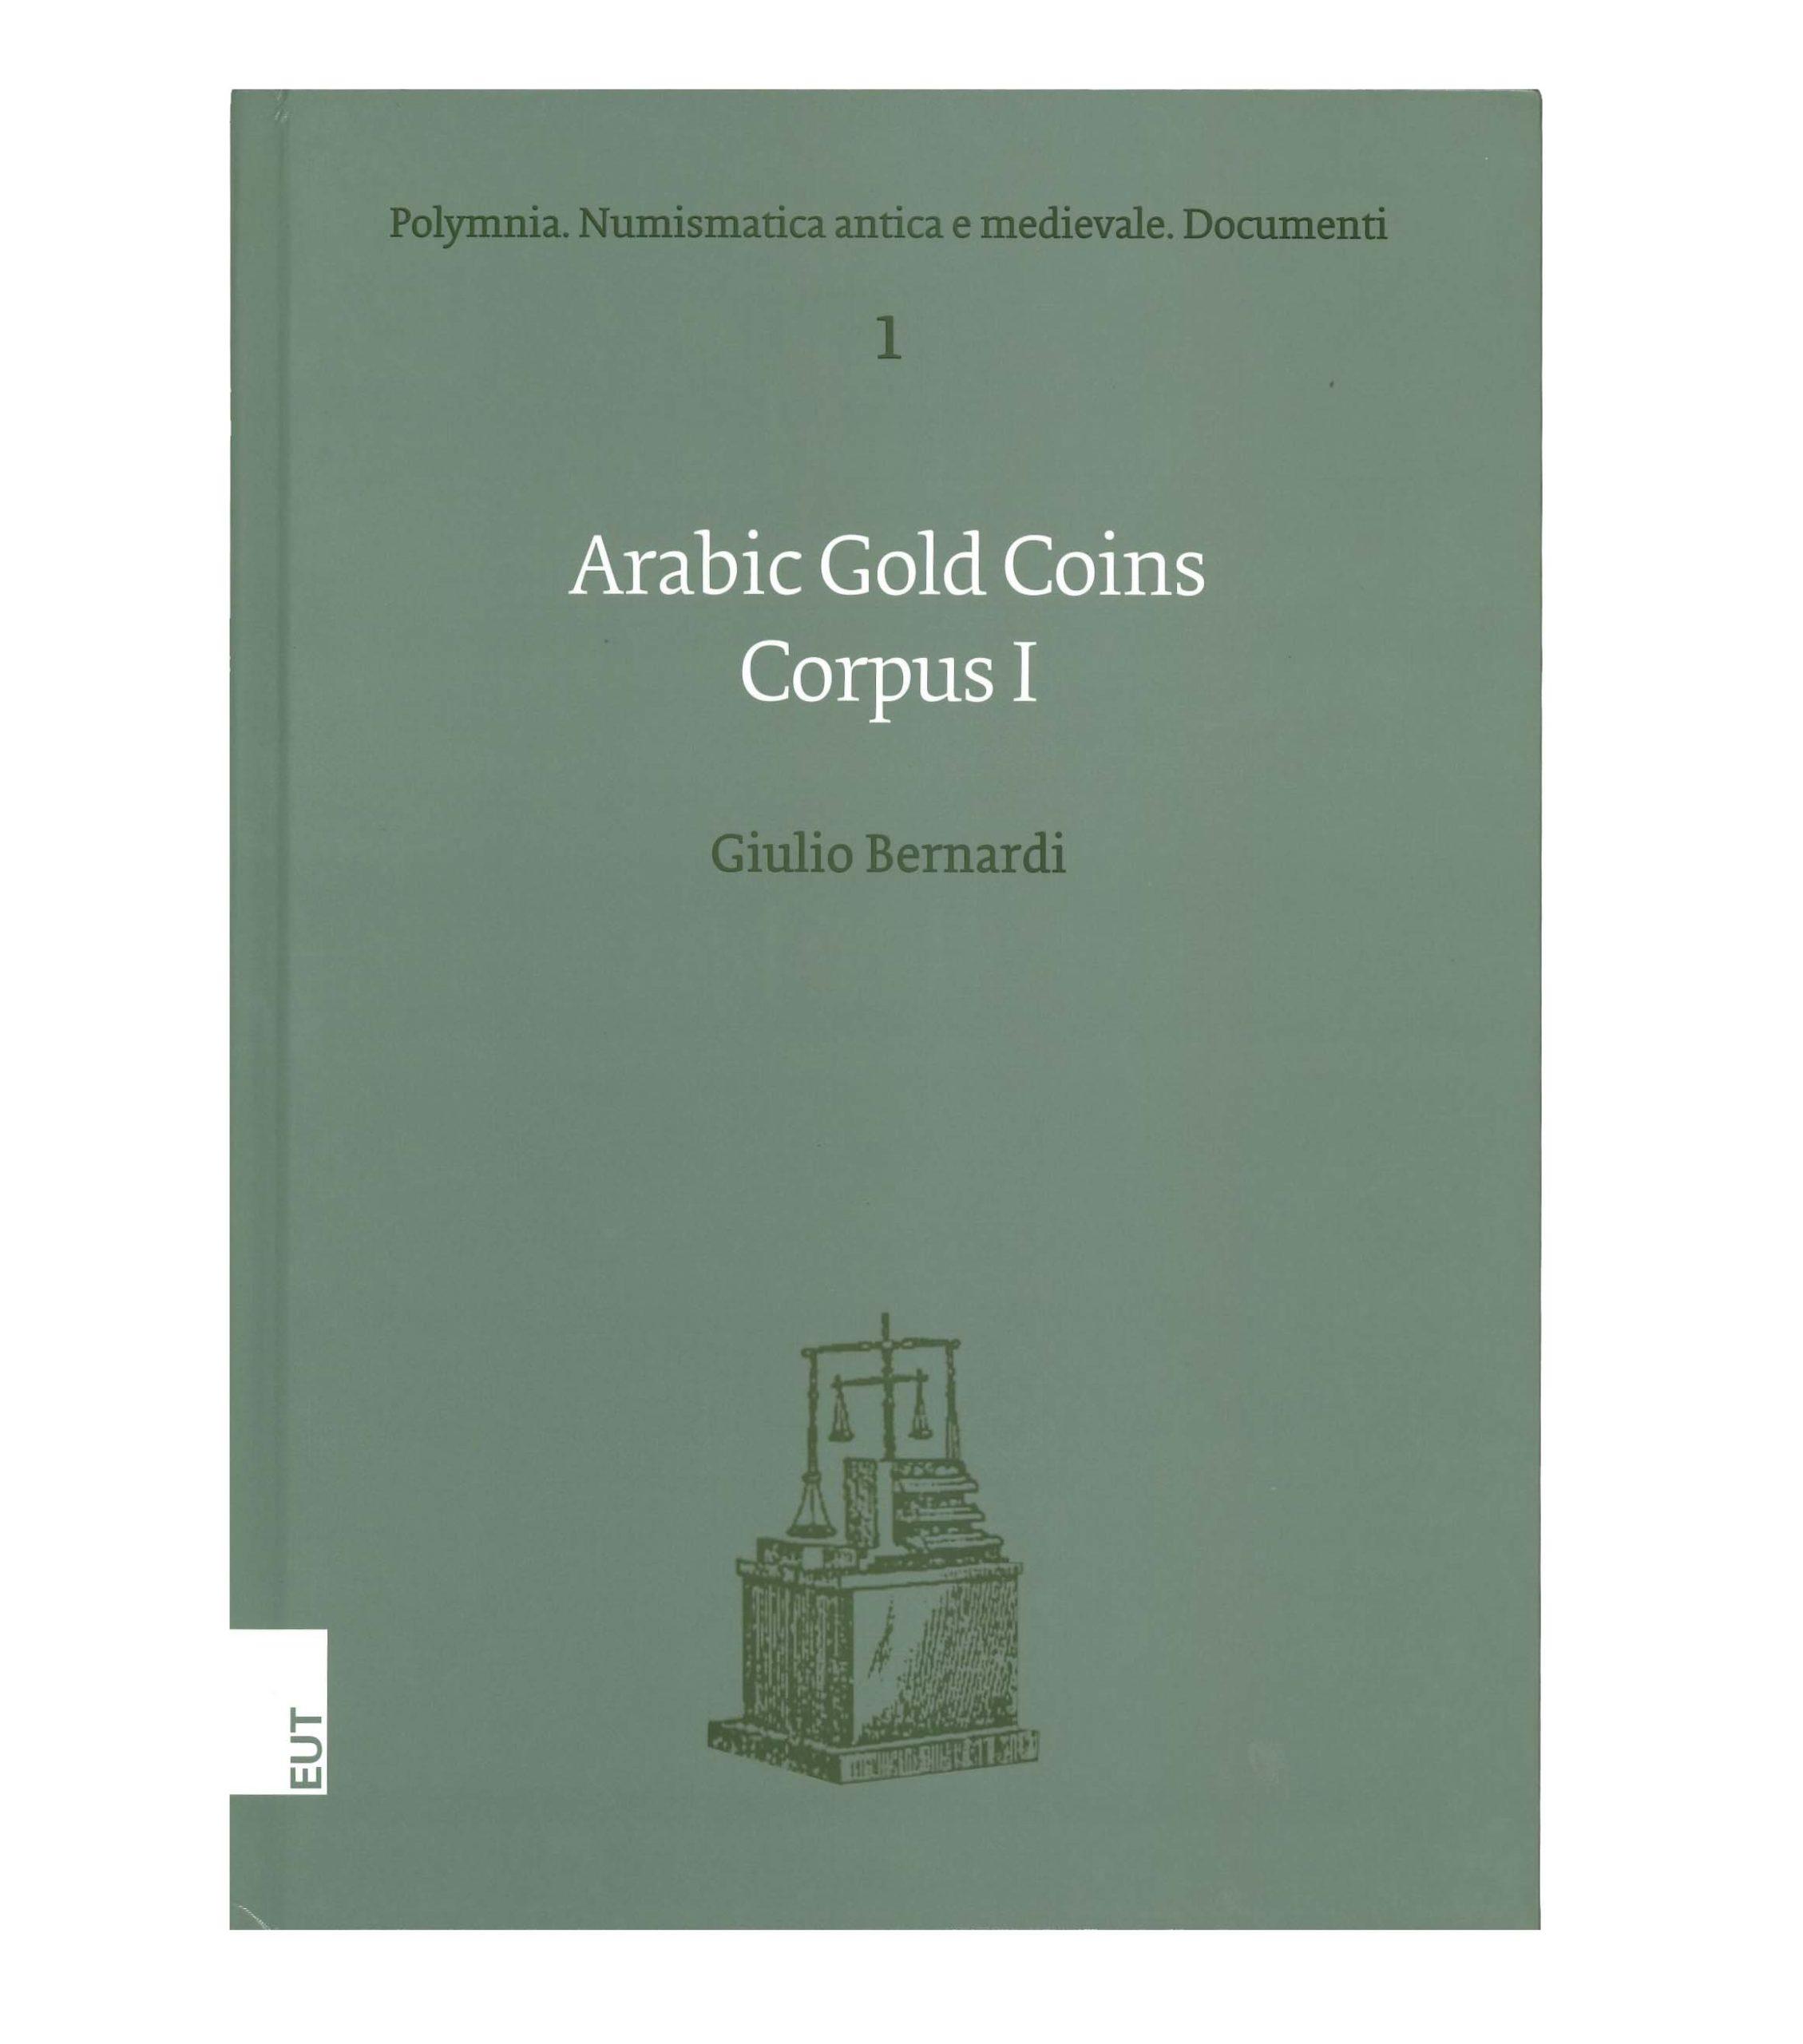 Arabic Gold Coins. Corpus I.